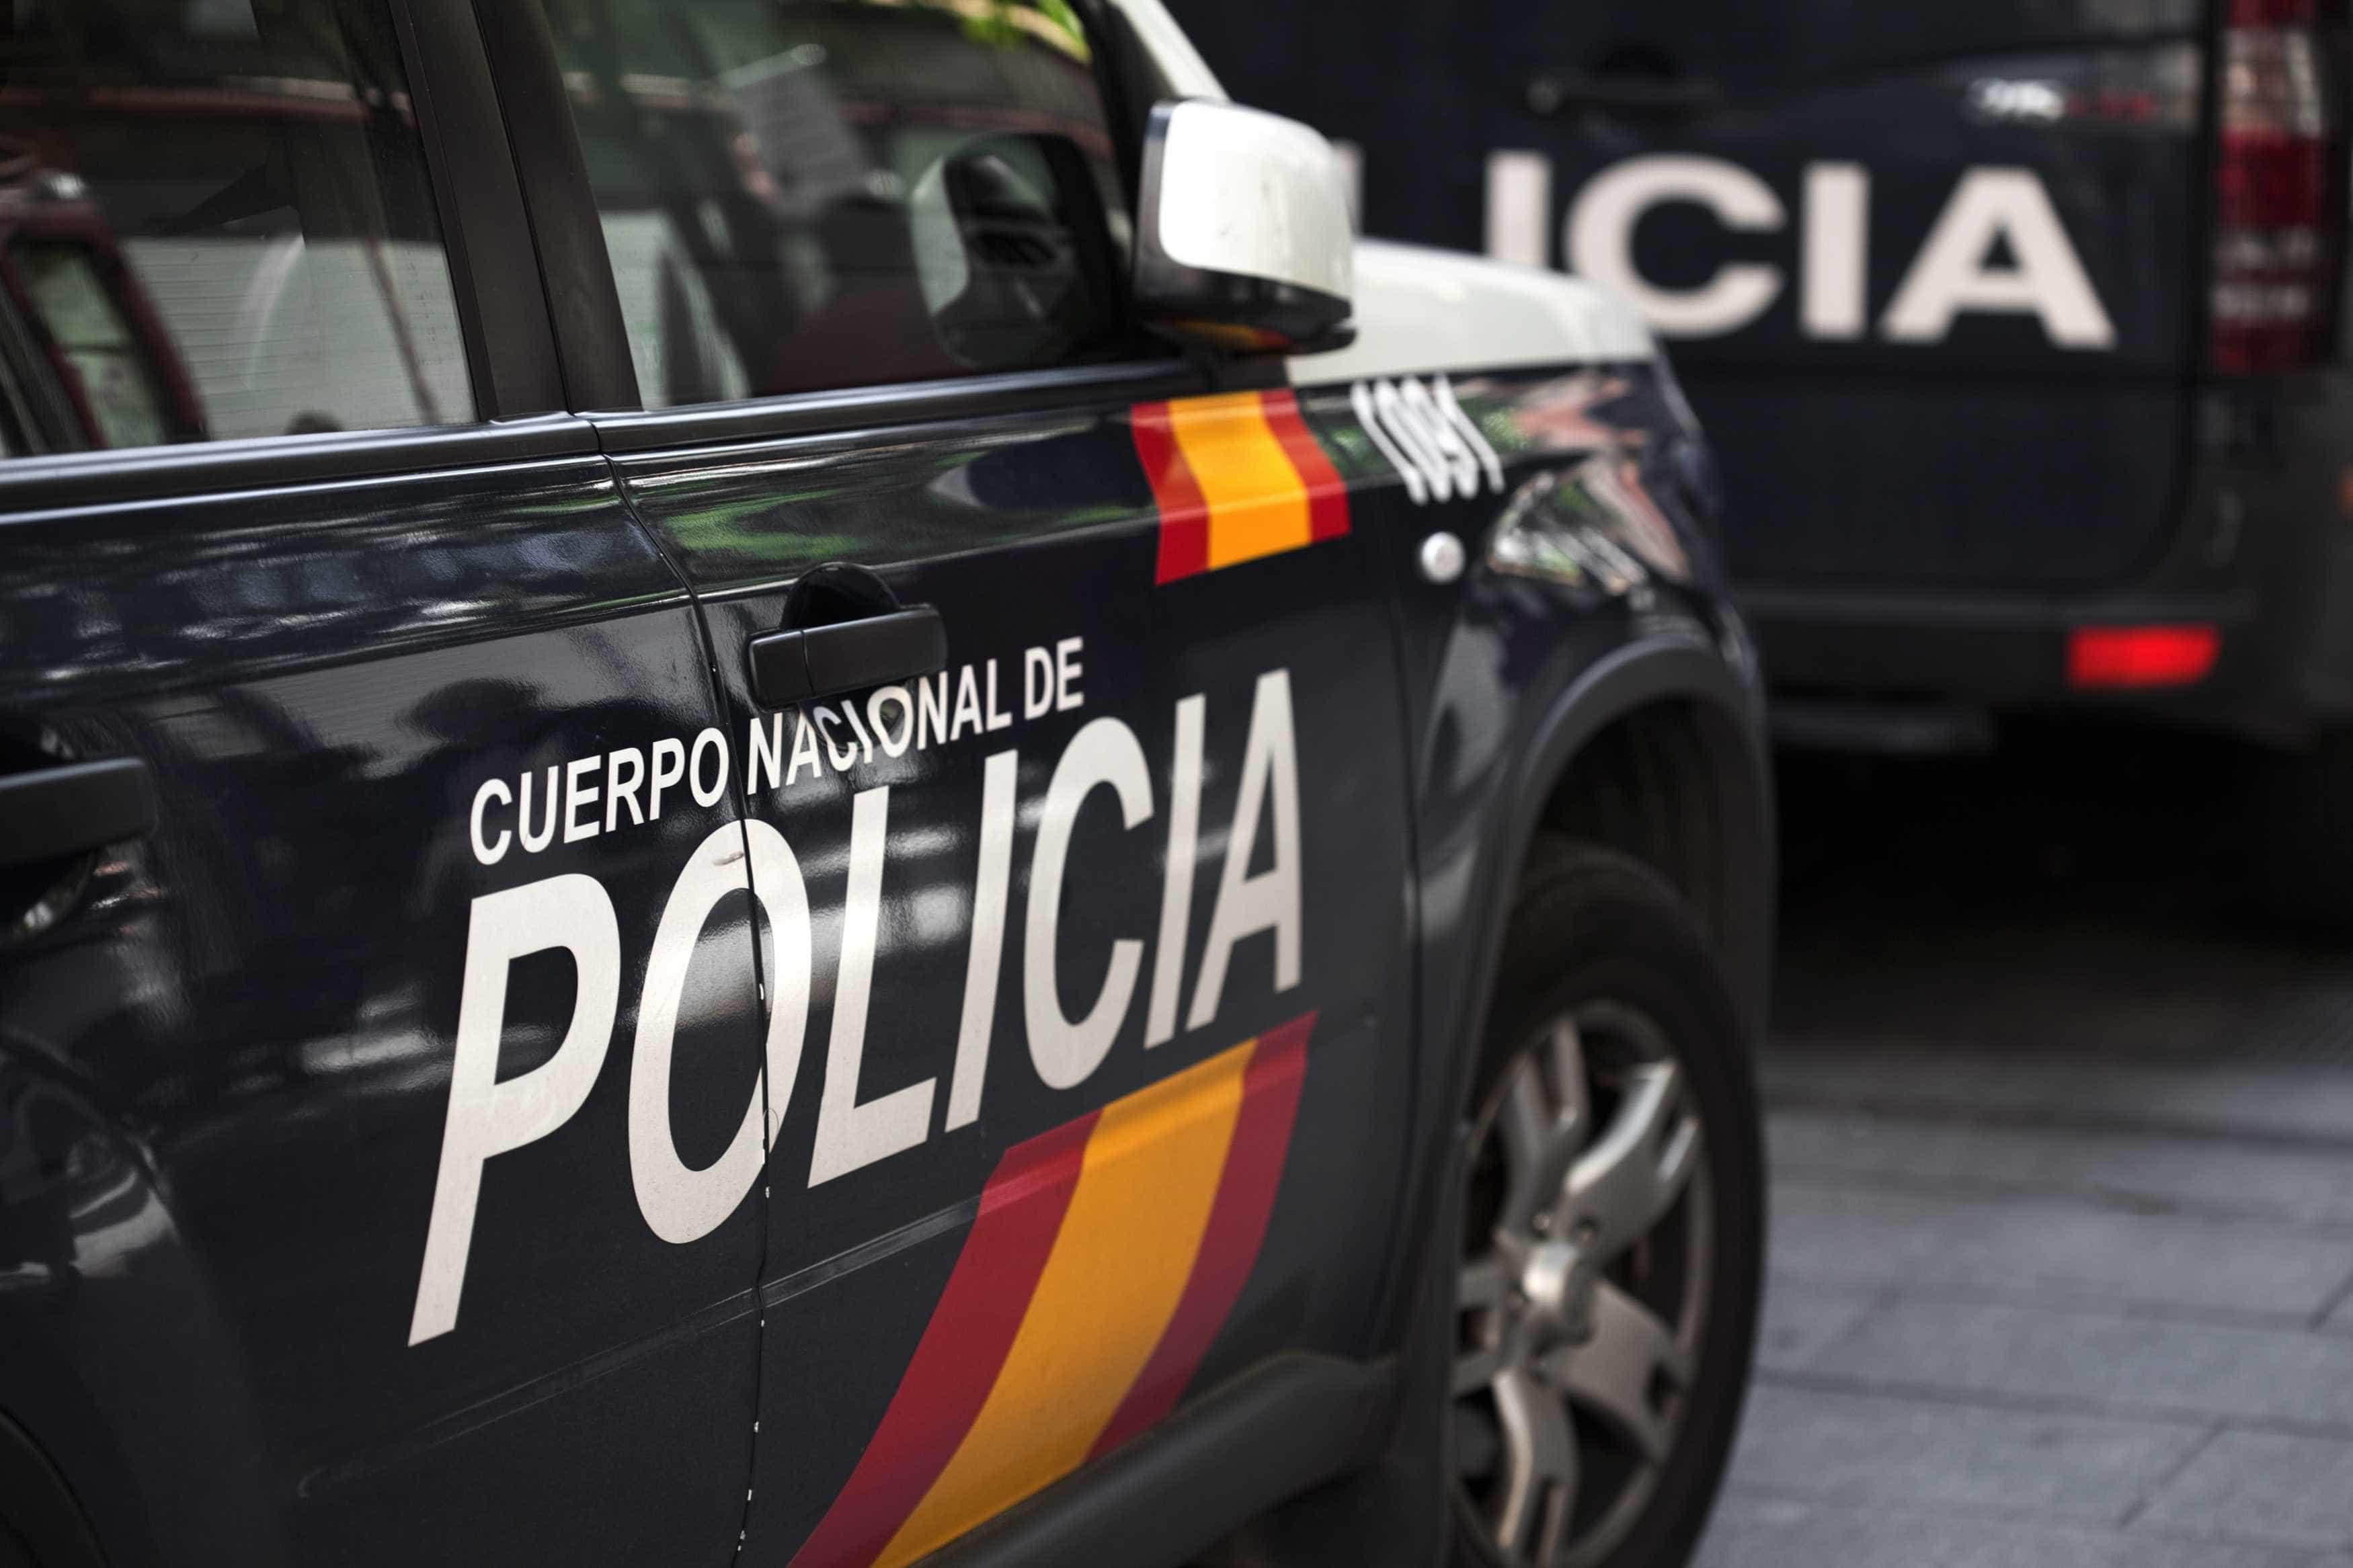 Narcotraficante português aguarda na prisão extradição para Portugal